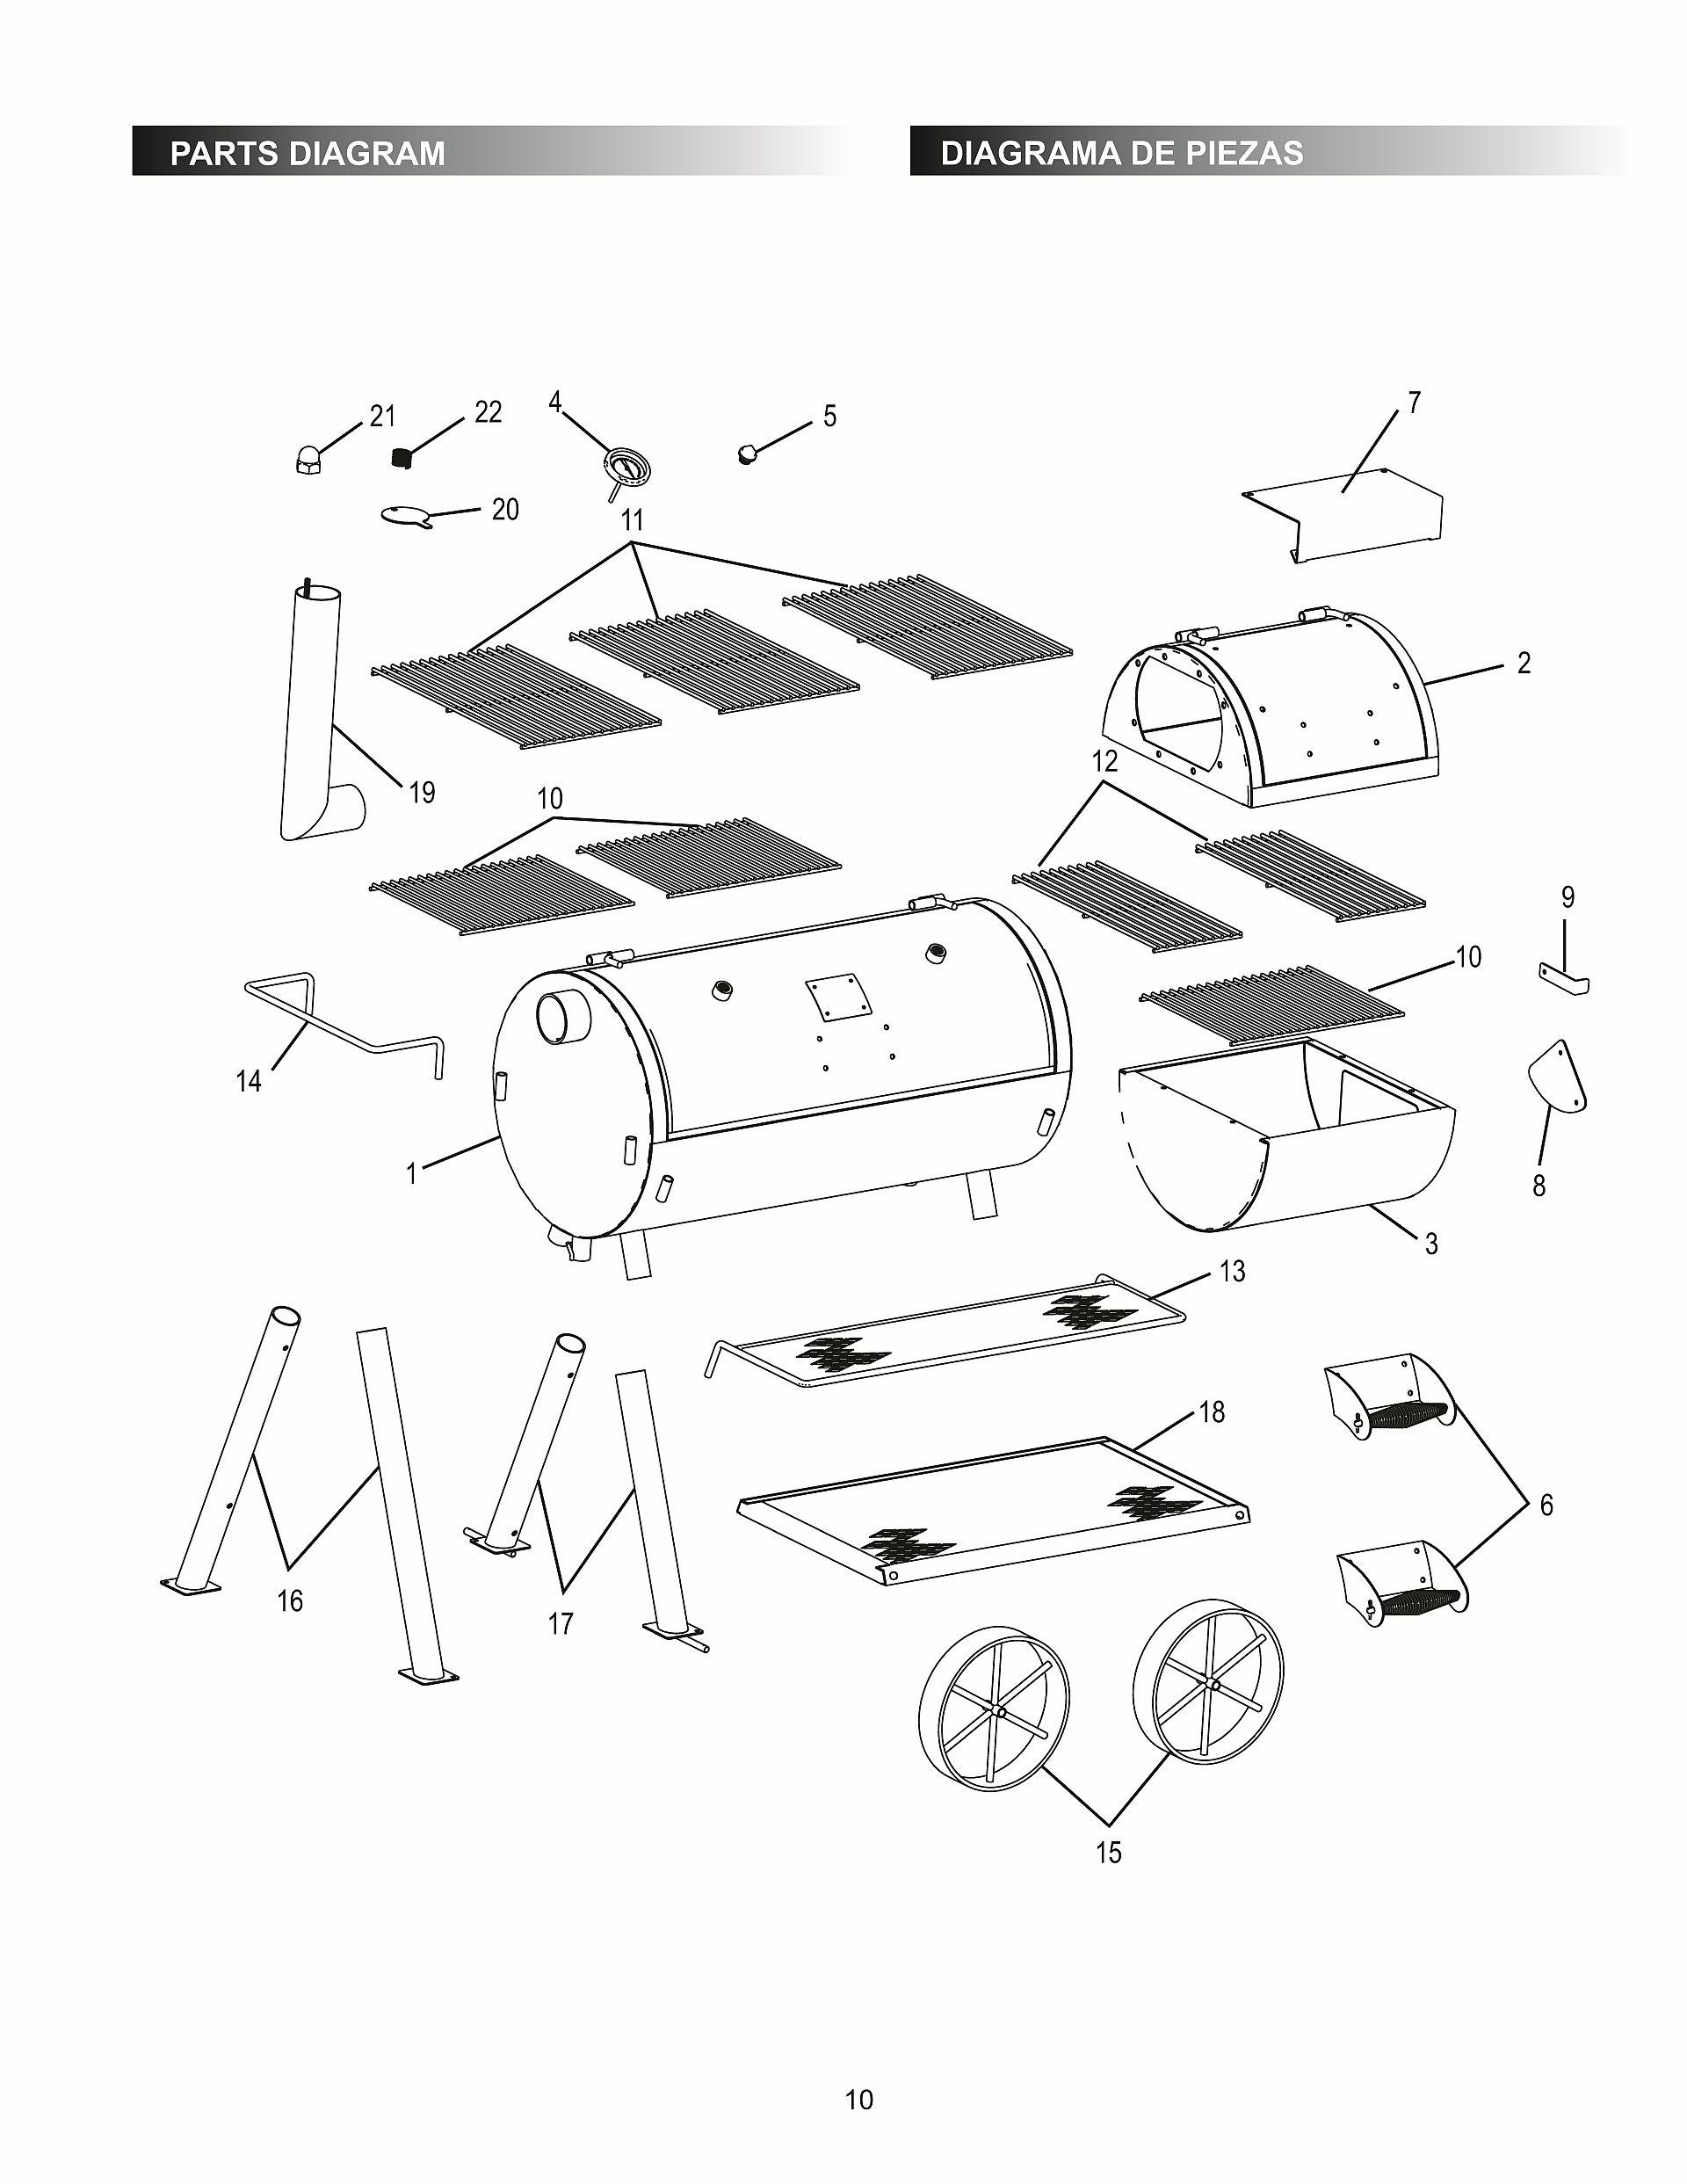 Traeger Parts Texas Schematic - 365 Diagrams Online